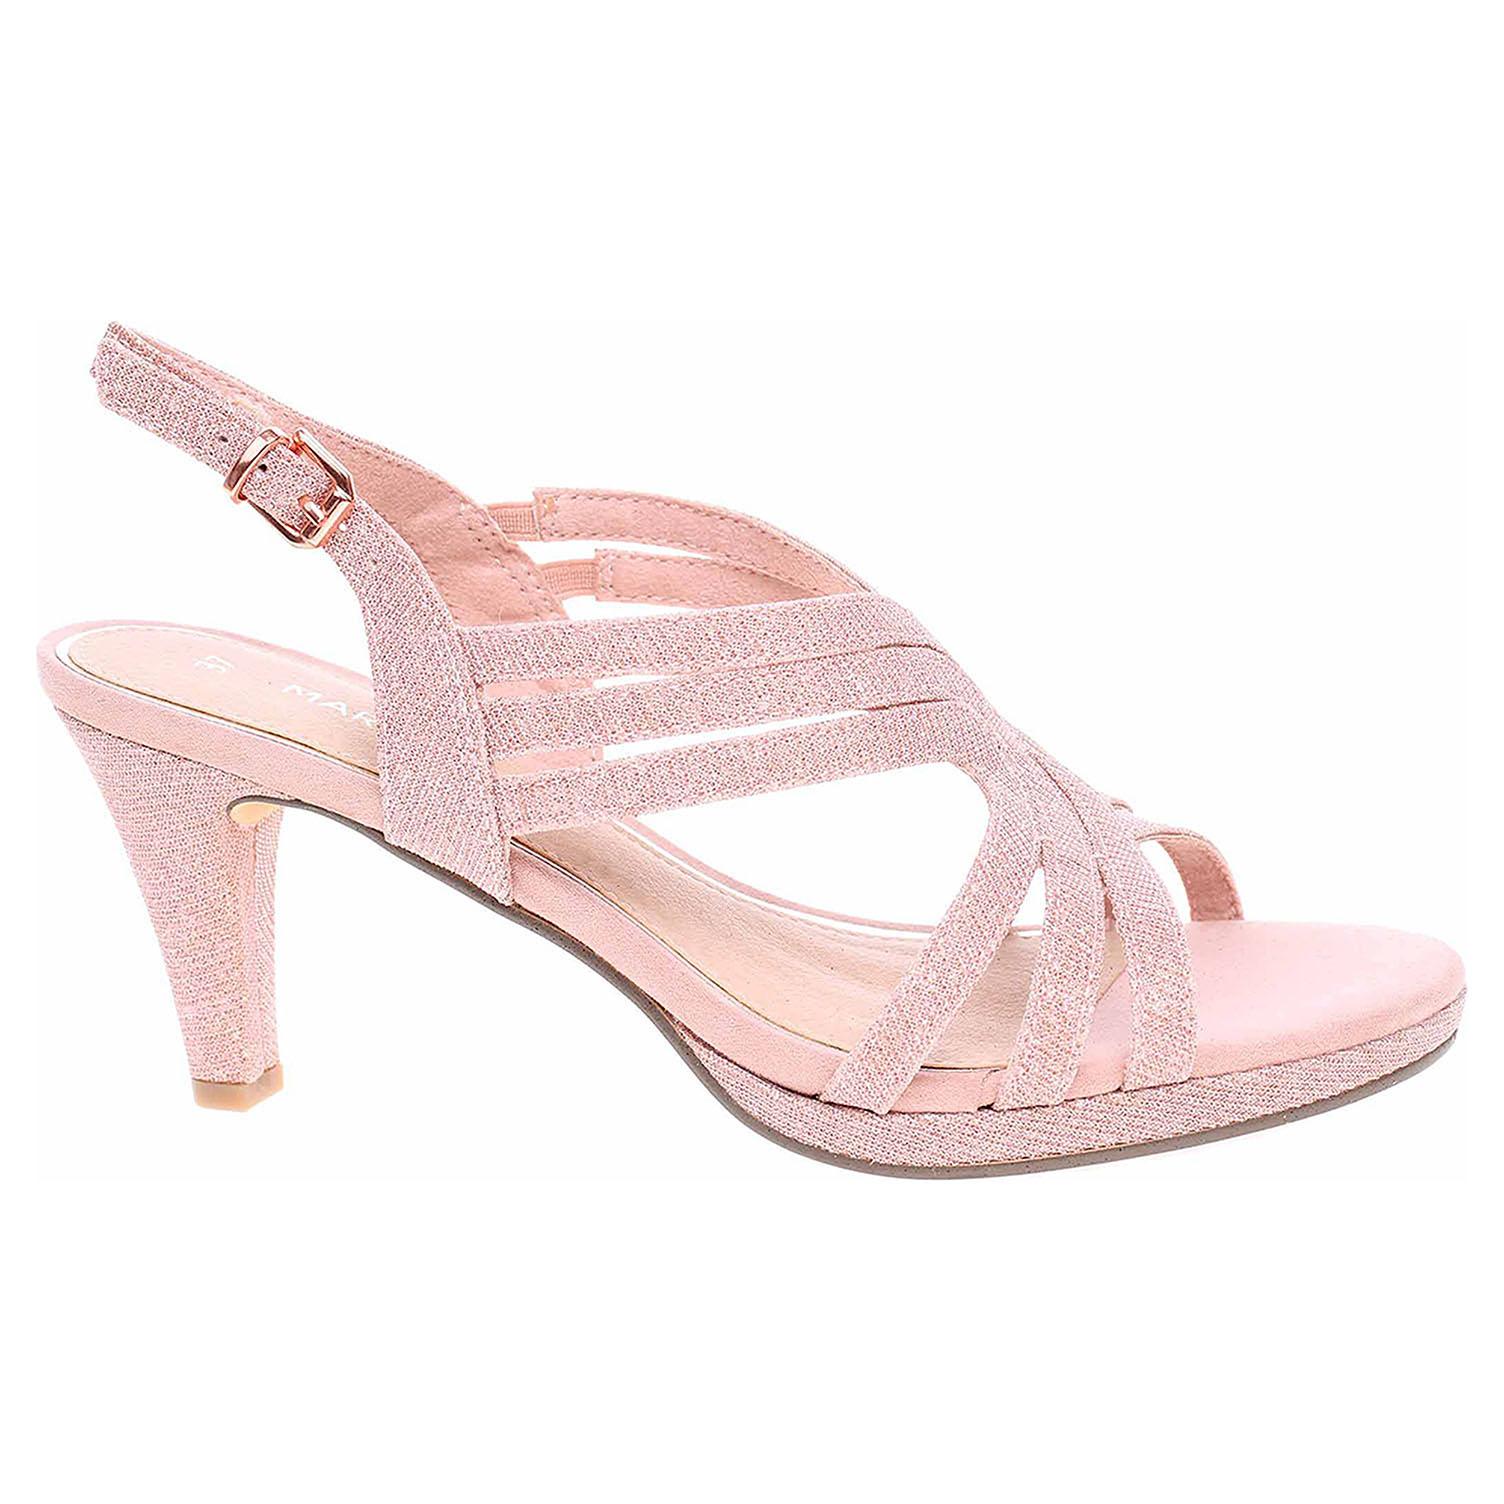 Levně Dámská společenská obuv Marco Tozzi 2-28329-34 rose metallic 37